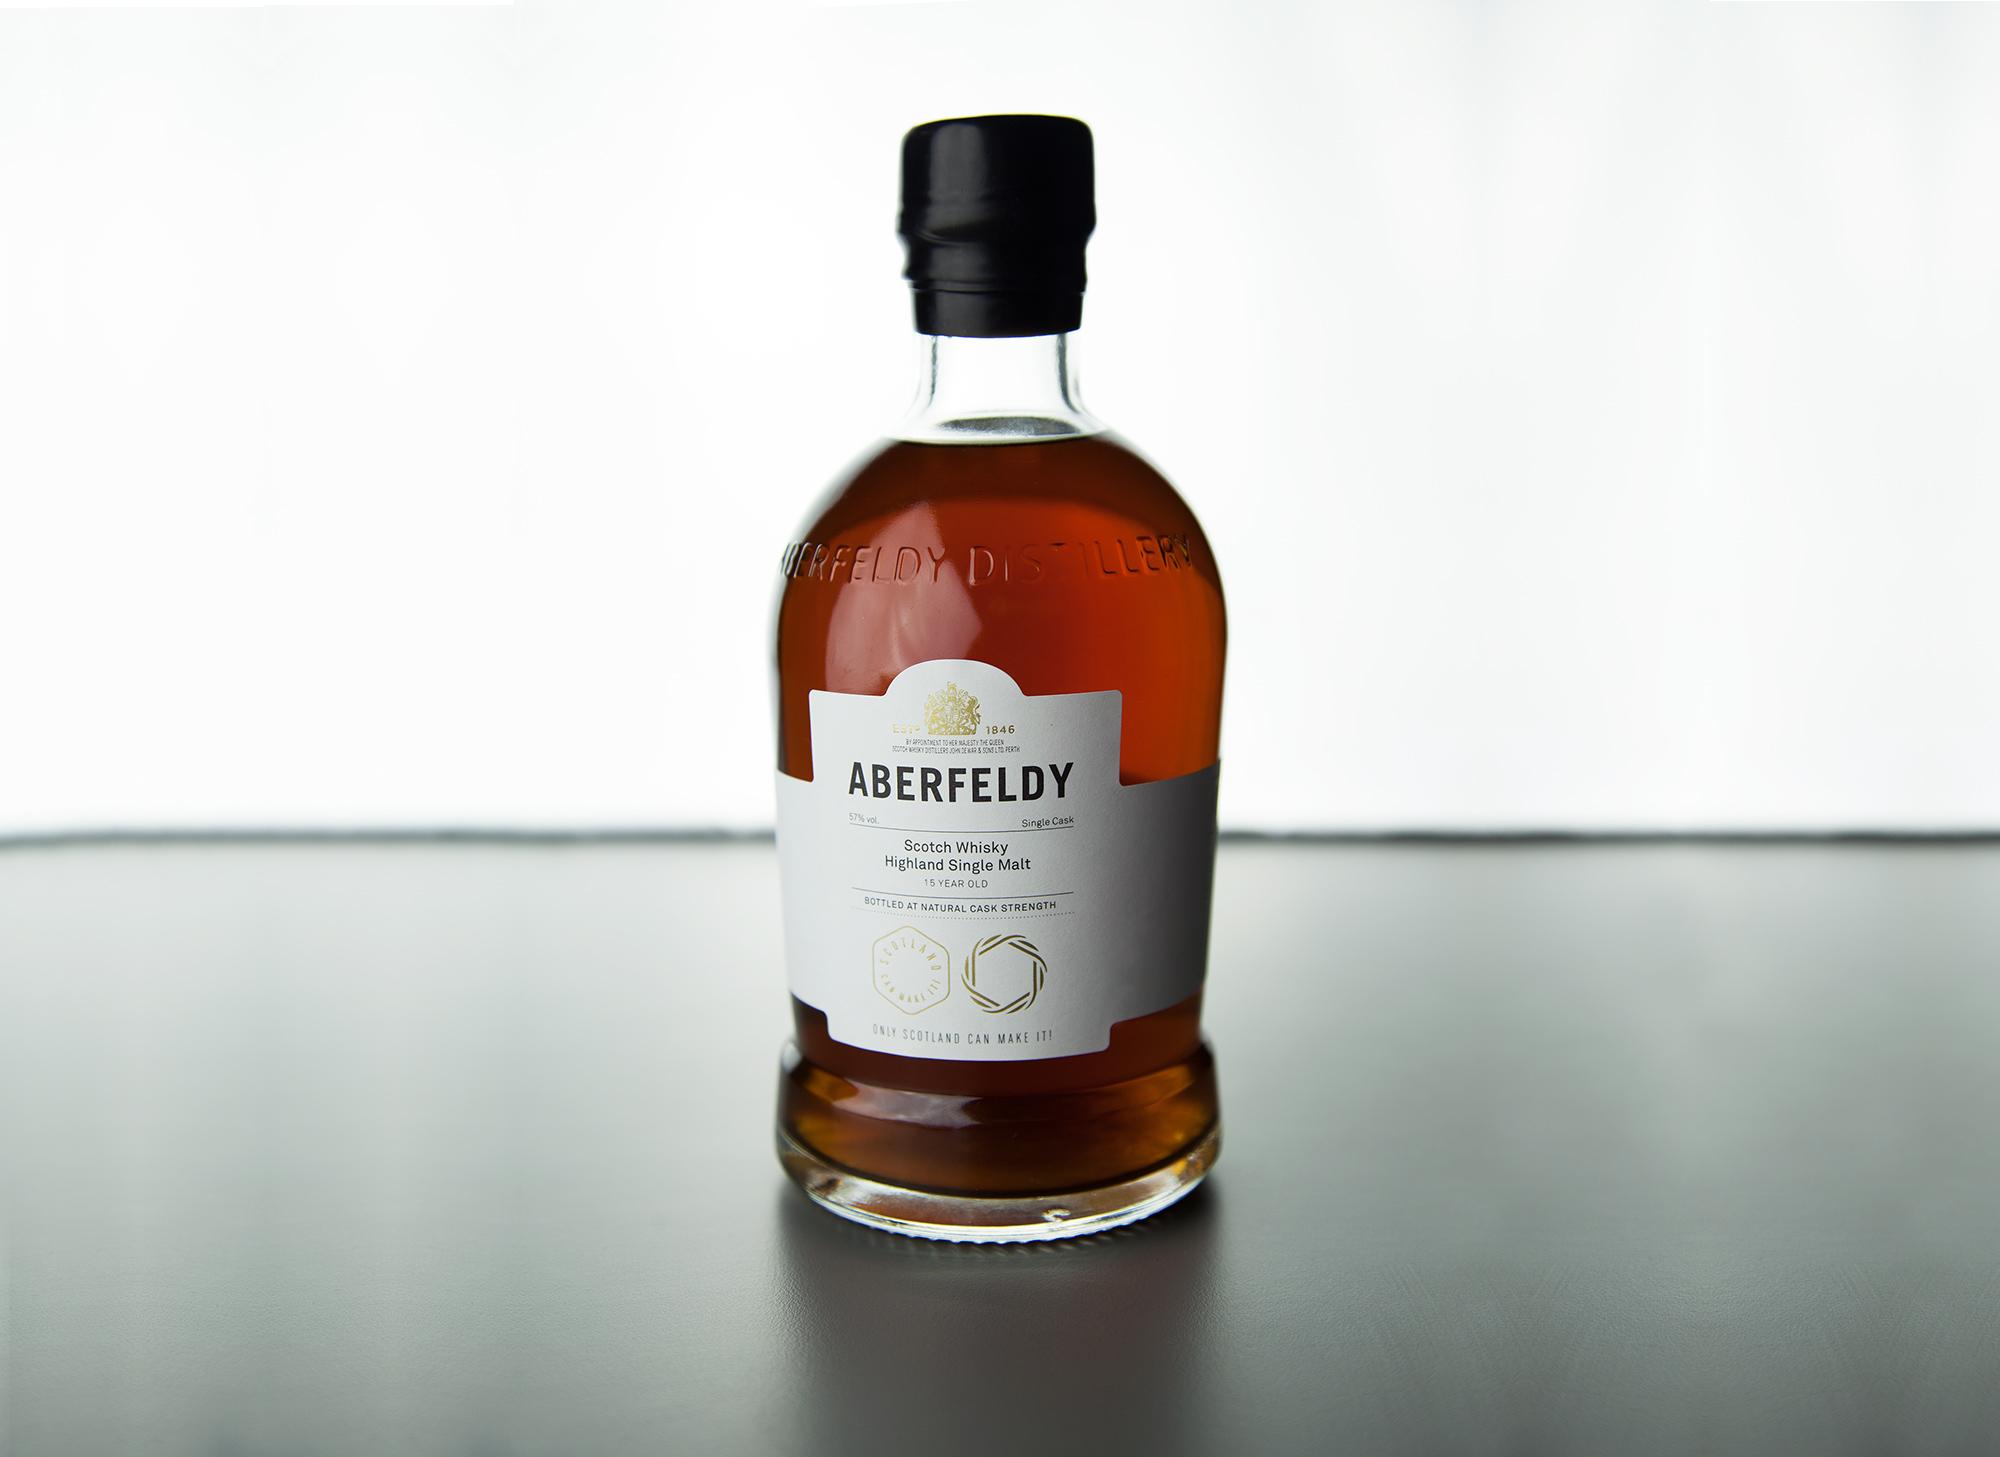 Full image shot of the bottle for Aberfeldy whiskey